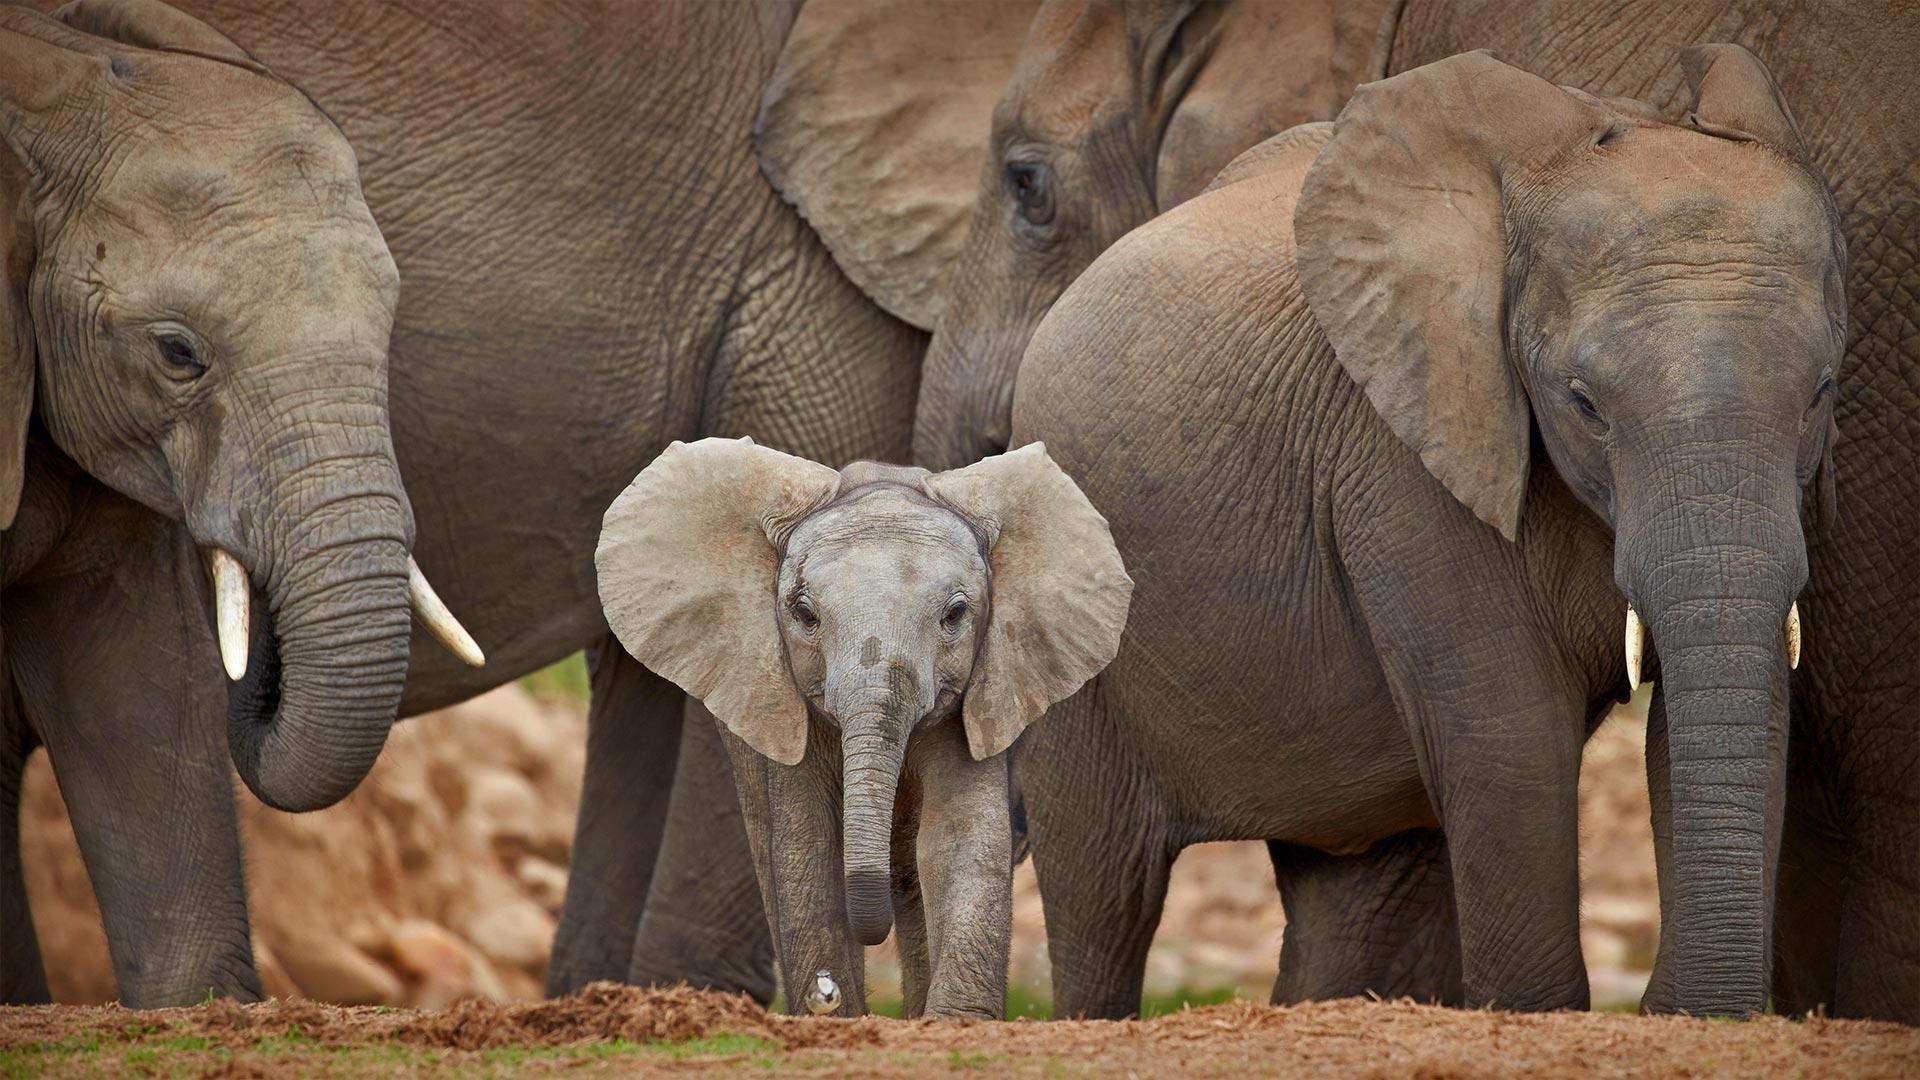 「アフリカゾウの家族」南アフリカ, アドゥ・エレファント国立公園 (© Robert Harding/Alamy)